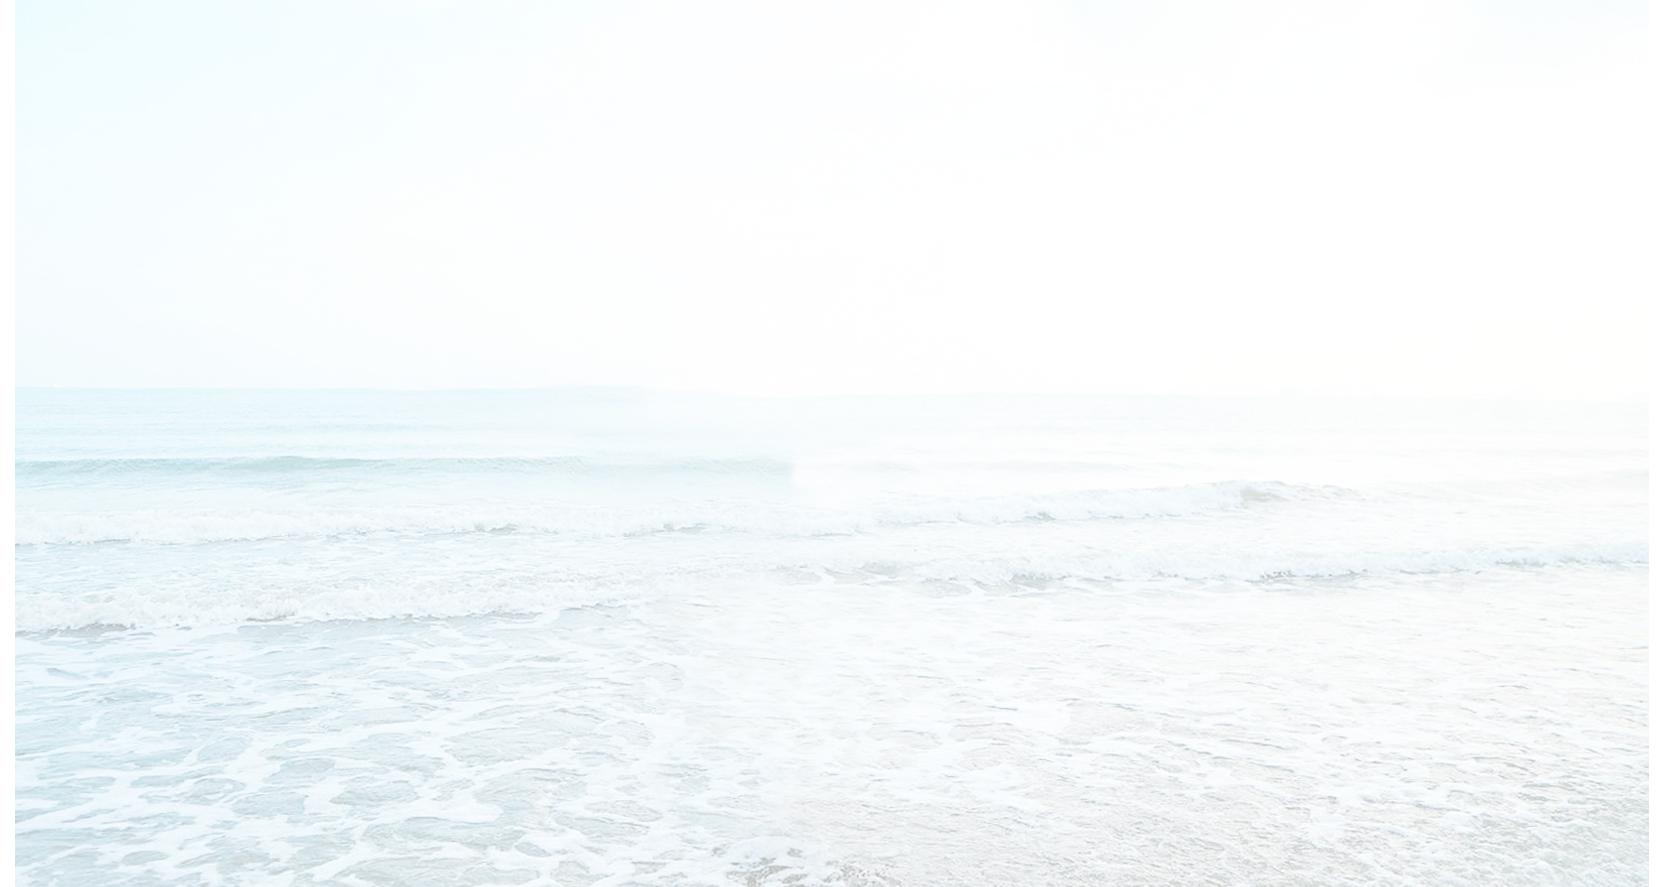 Index of images backgroundoceanjpg. Clipart ocean ocean horizon